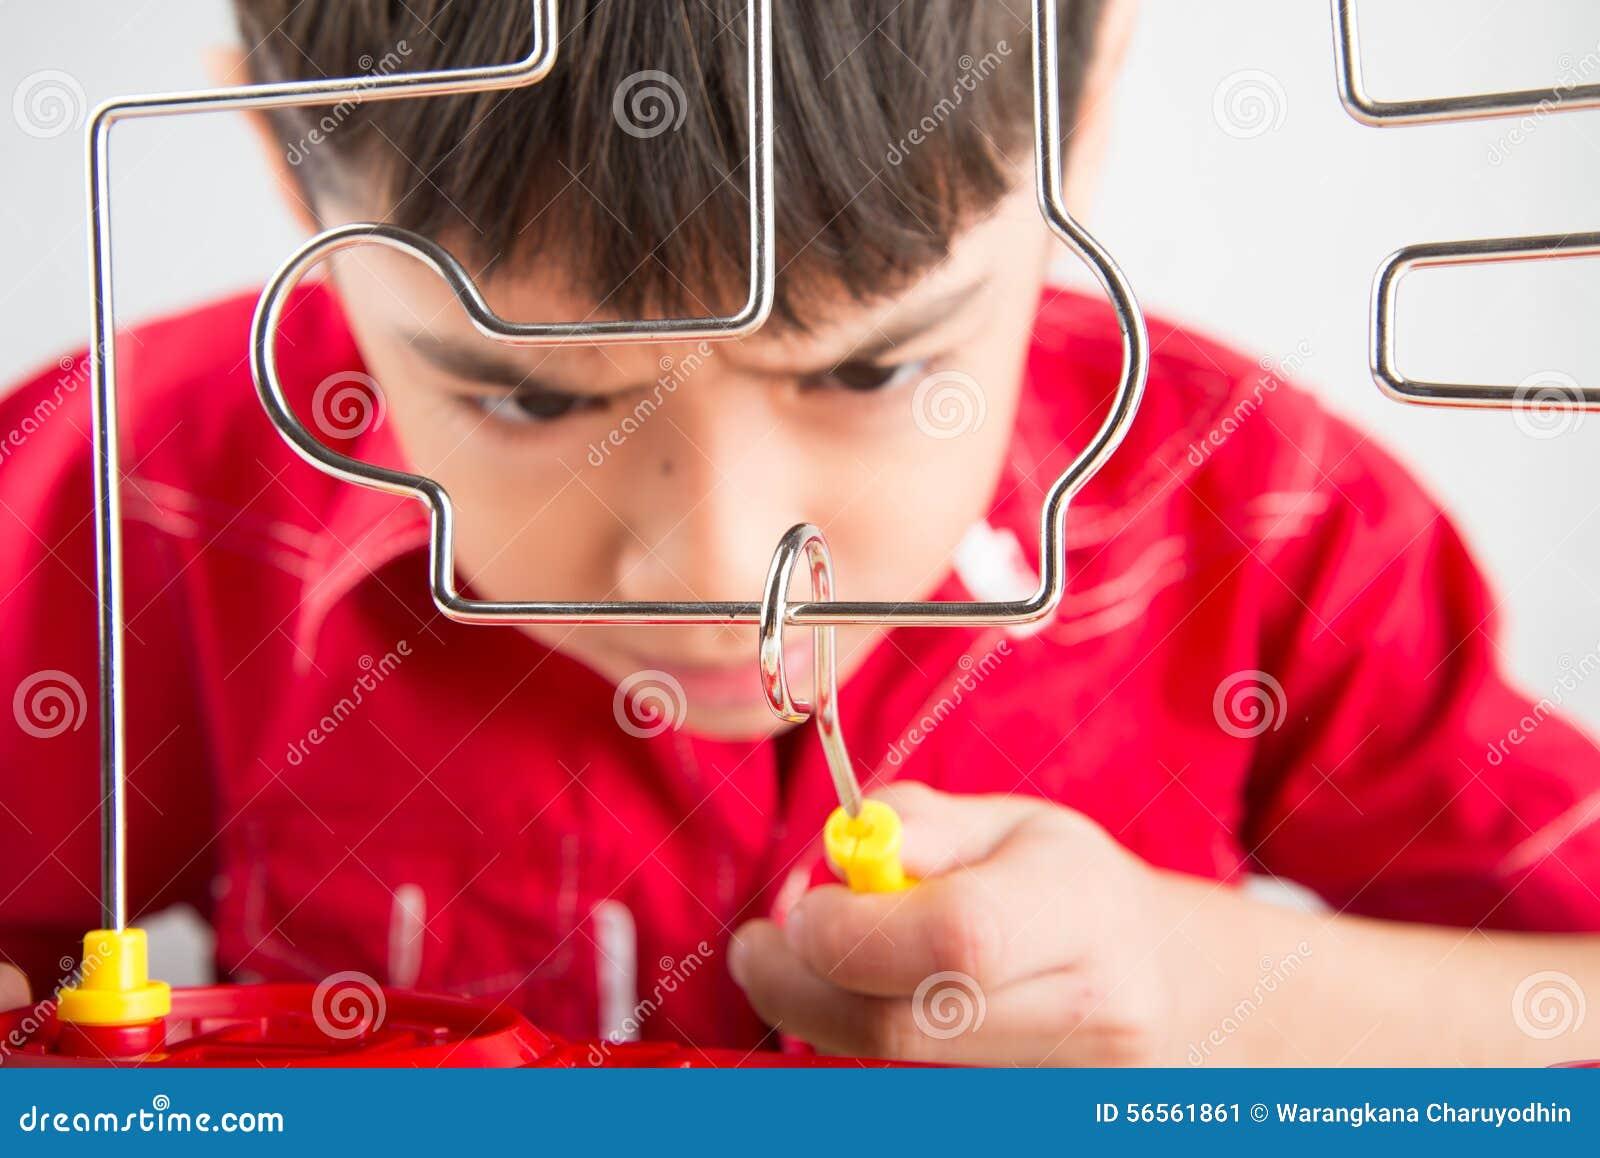 Download Σπινθήρας σπειρών παιχνιδιού μικρών παιδιών με τη συμπύκνωση Στοκ Εικόνα - εικόνα από λαμπρός, άνοιξη: 56561861